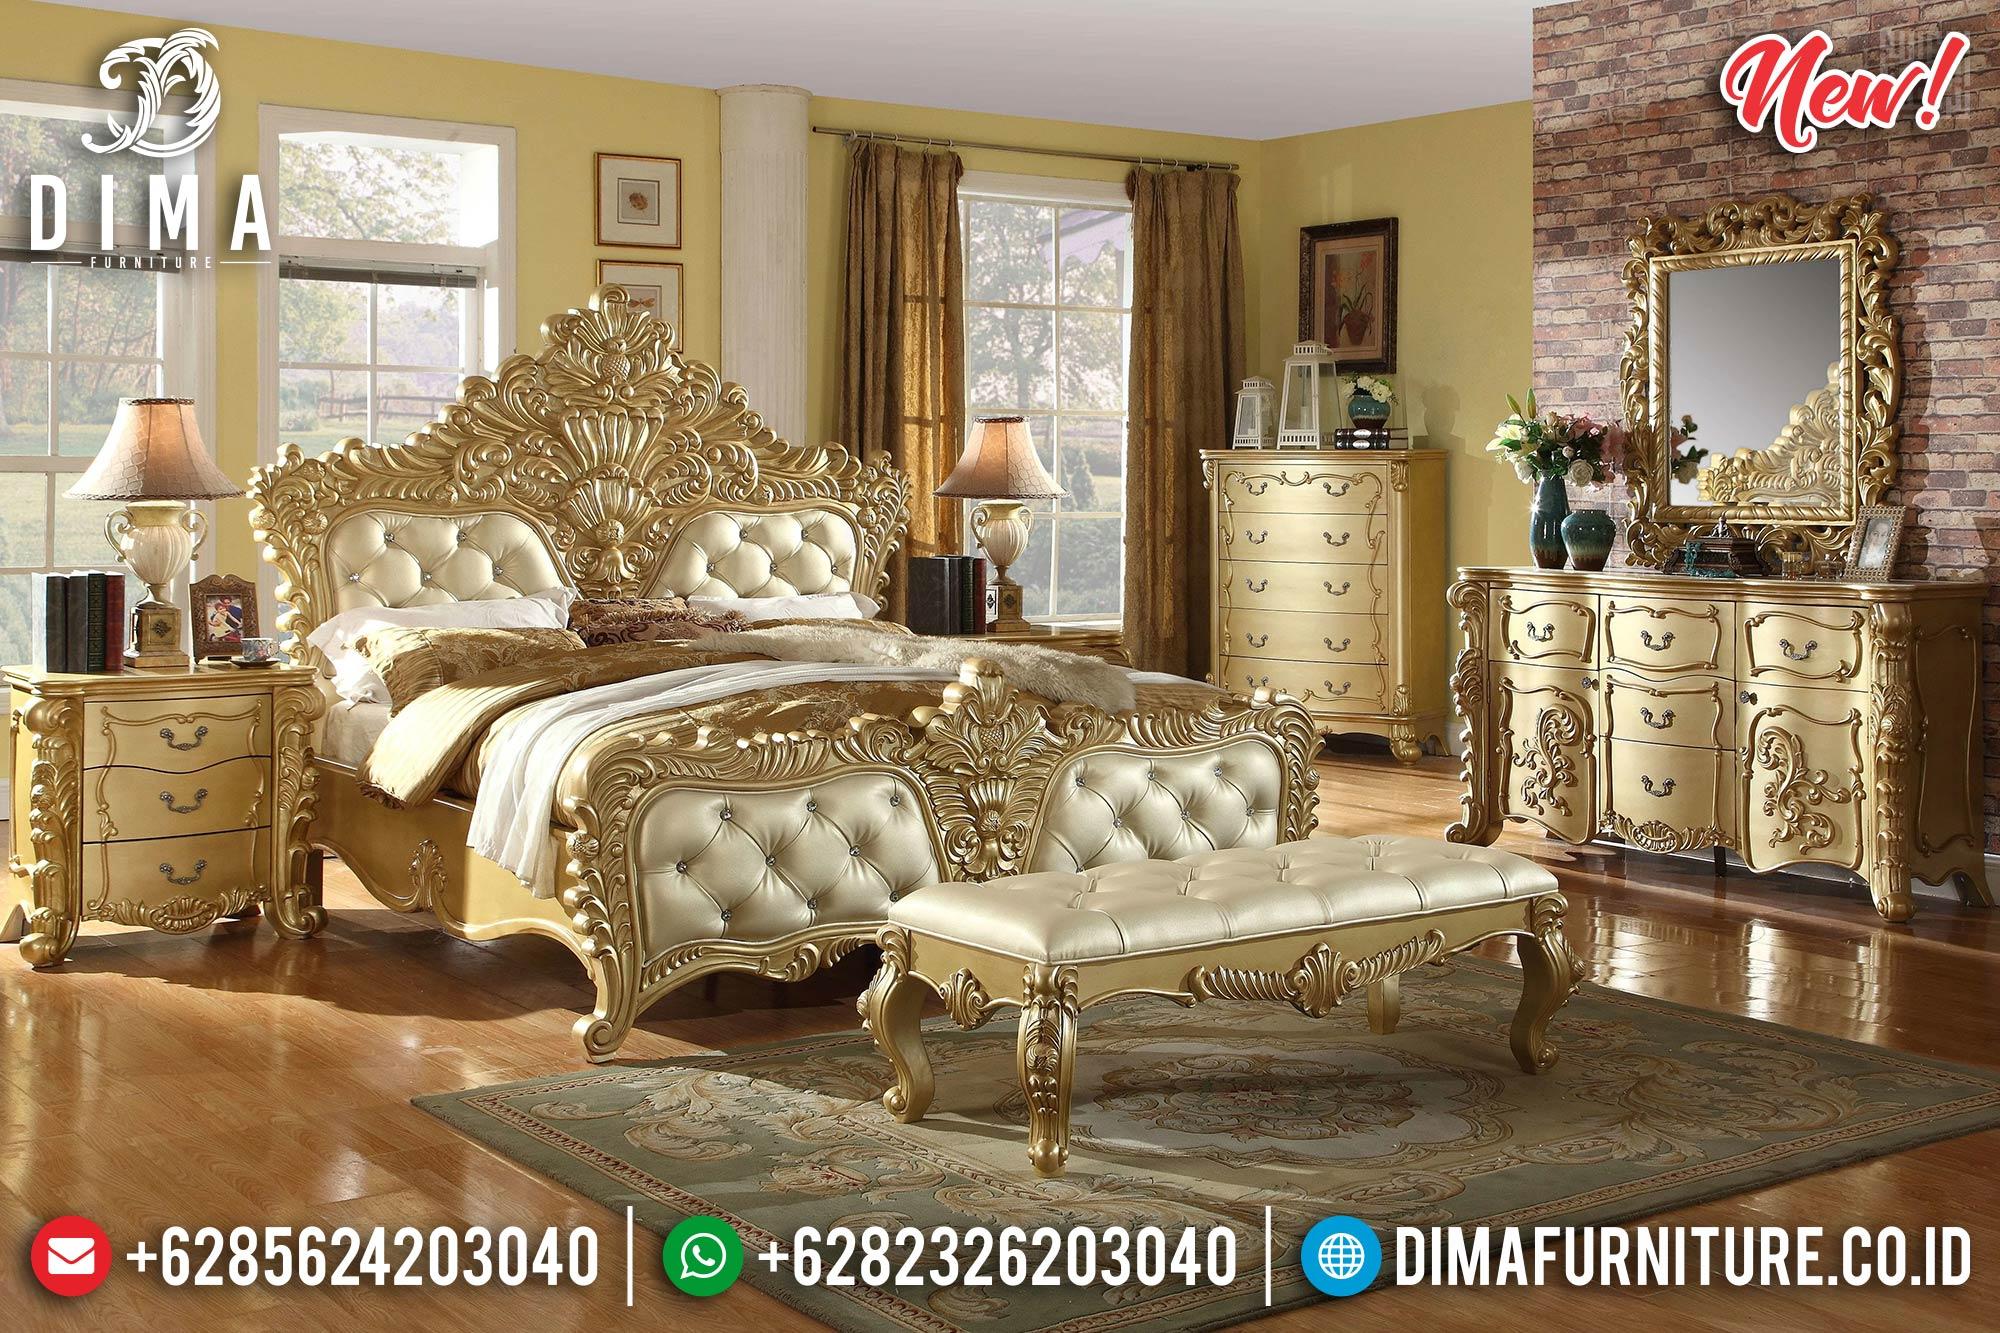 Beauty Design Tempat Tidur Mewah Jepara Ukiran Golden Shining Furniture Jepara TTJ-1230